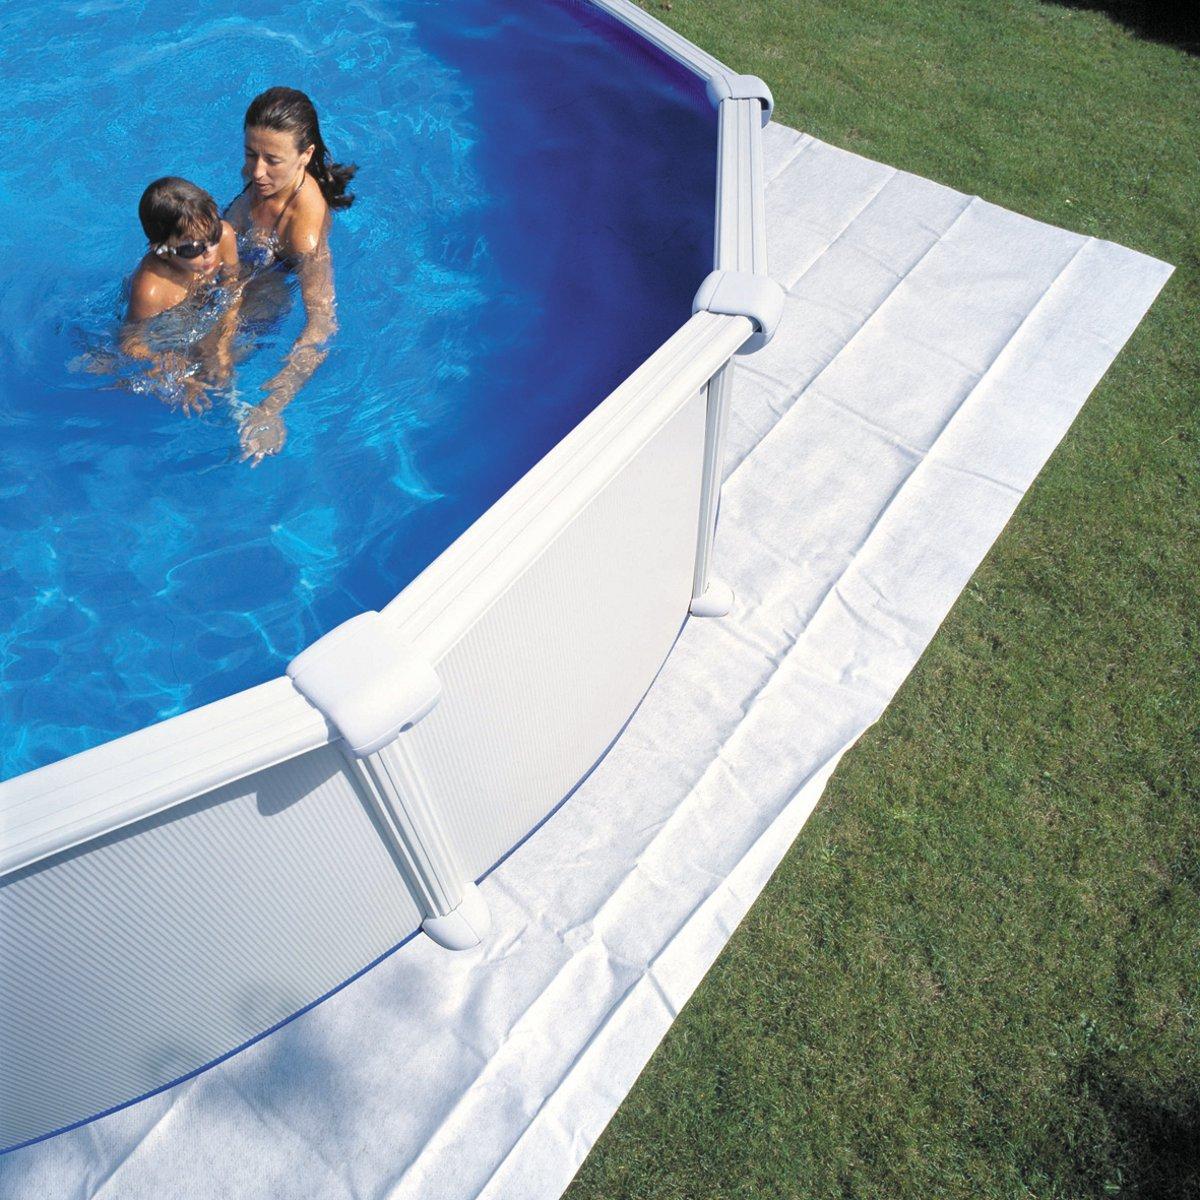 Colchoneta de fieltro para piscina redonda D450 460/Gre: Amazon.es: Jardín